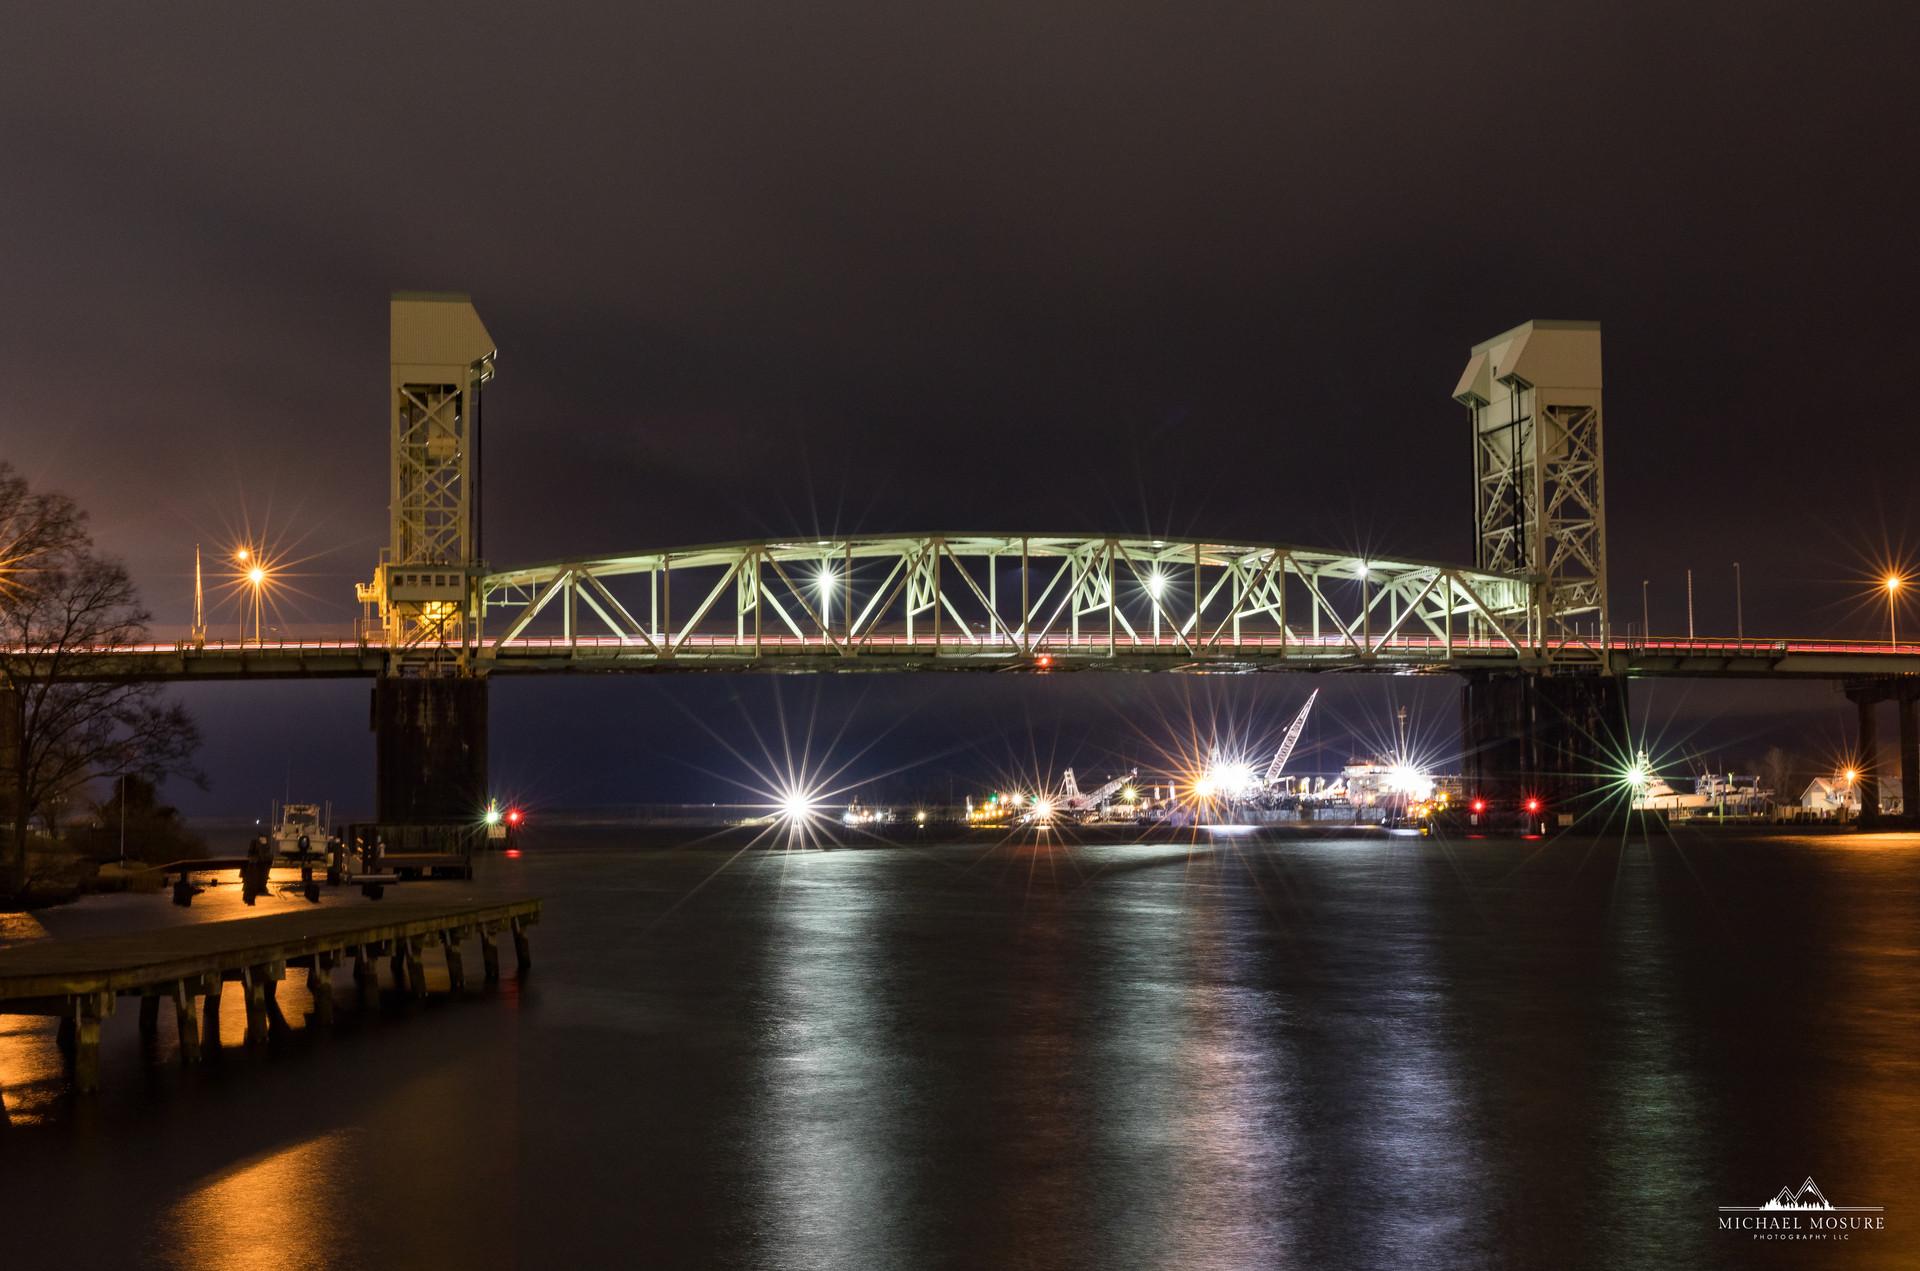 Cape Fear Memorial Bridge Exposure